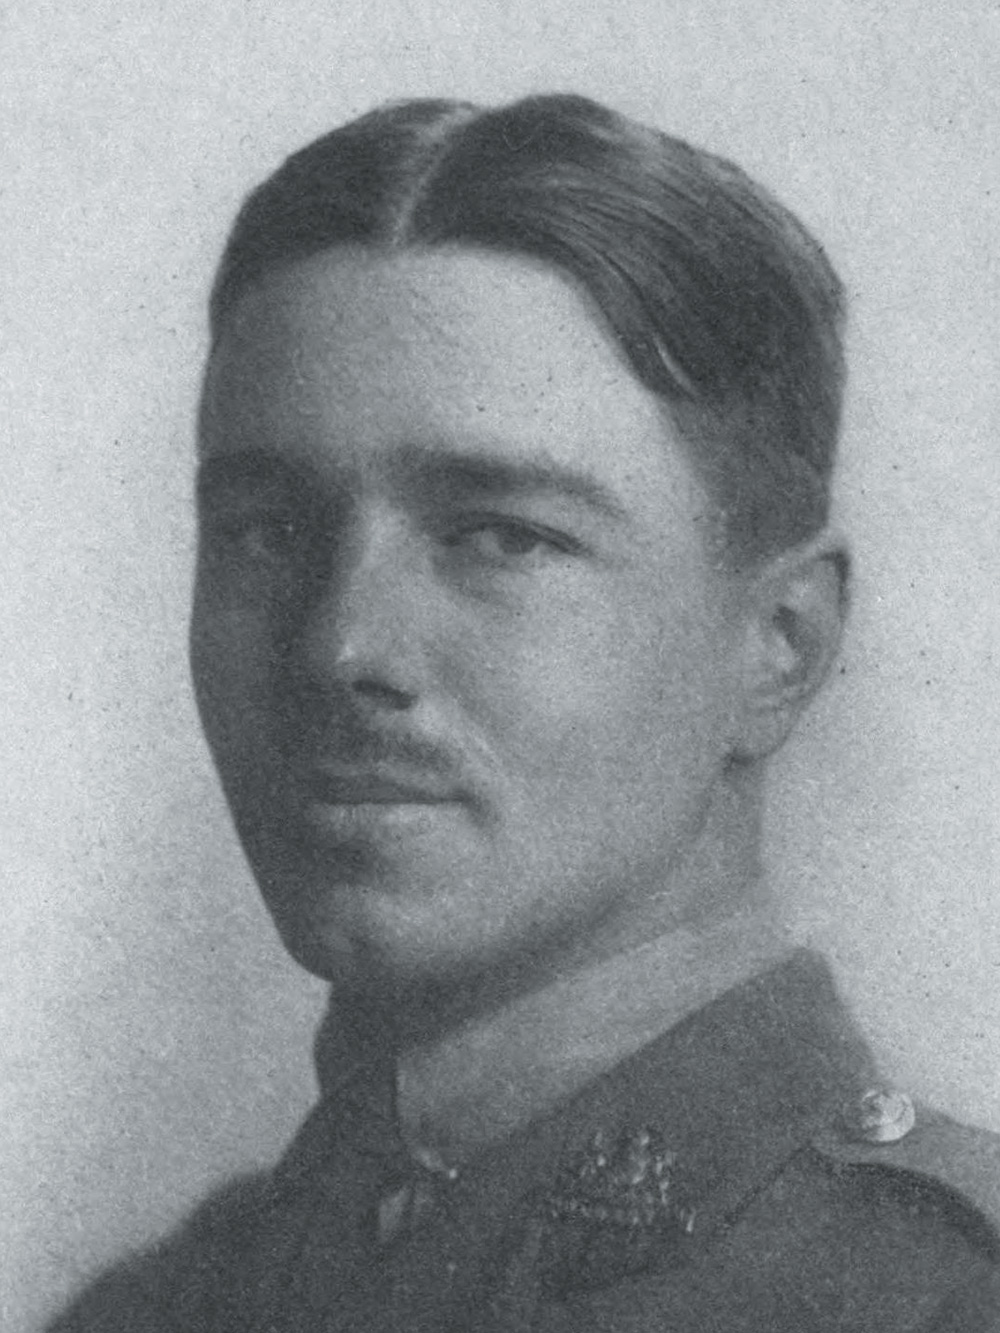 Détail de: Portrait de Wilfred Owen, gravure, publié dans Poems by Wilfred Owen, Chatto & Windus, London, 1920